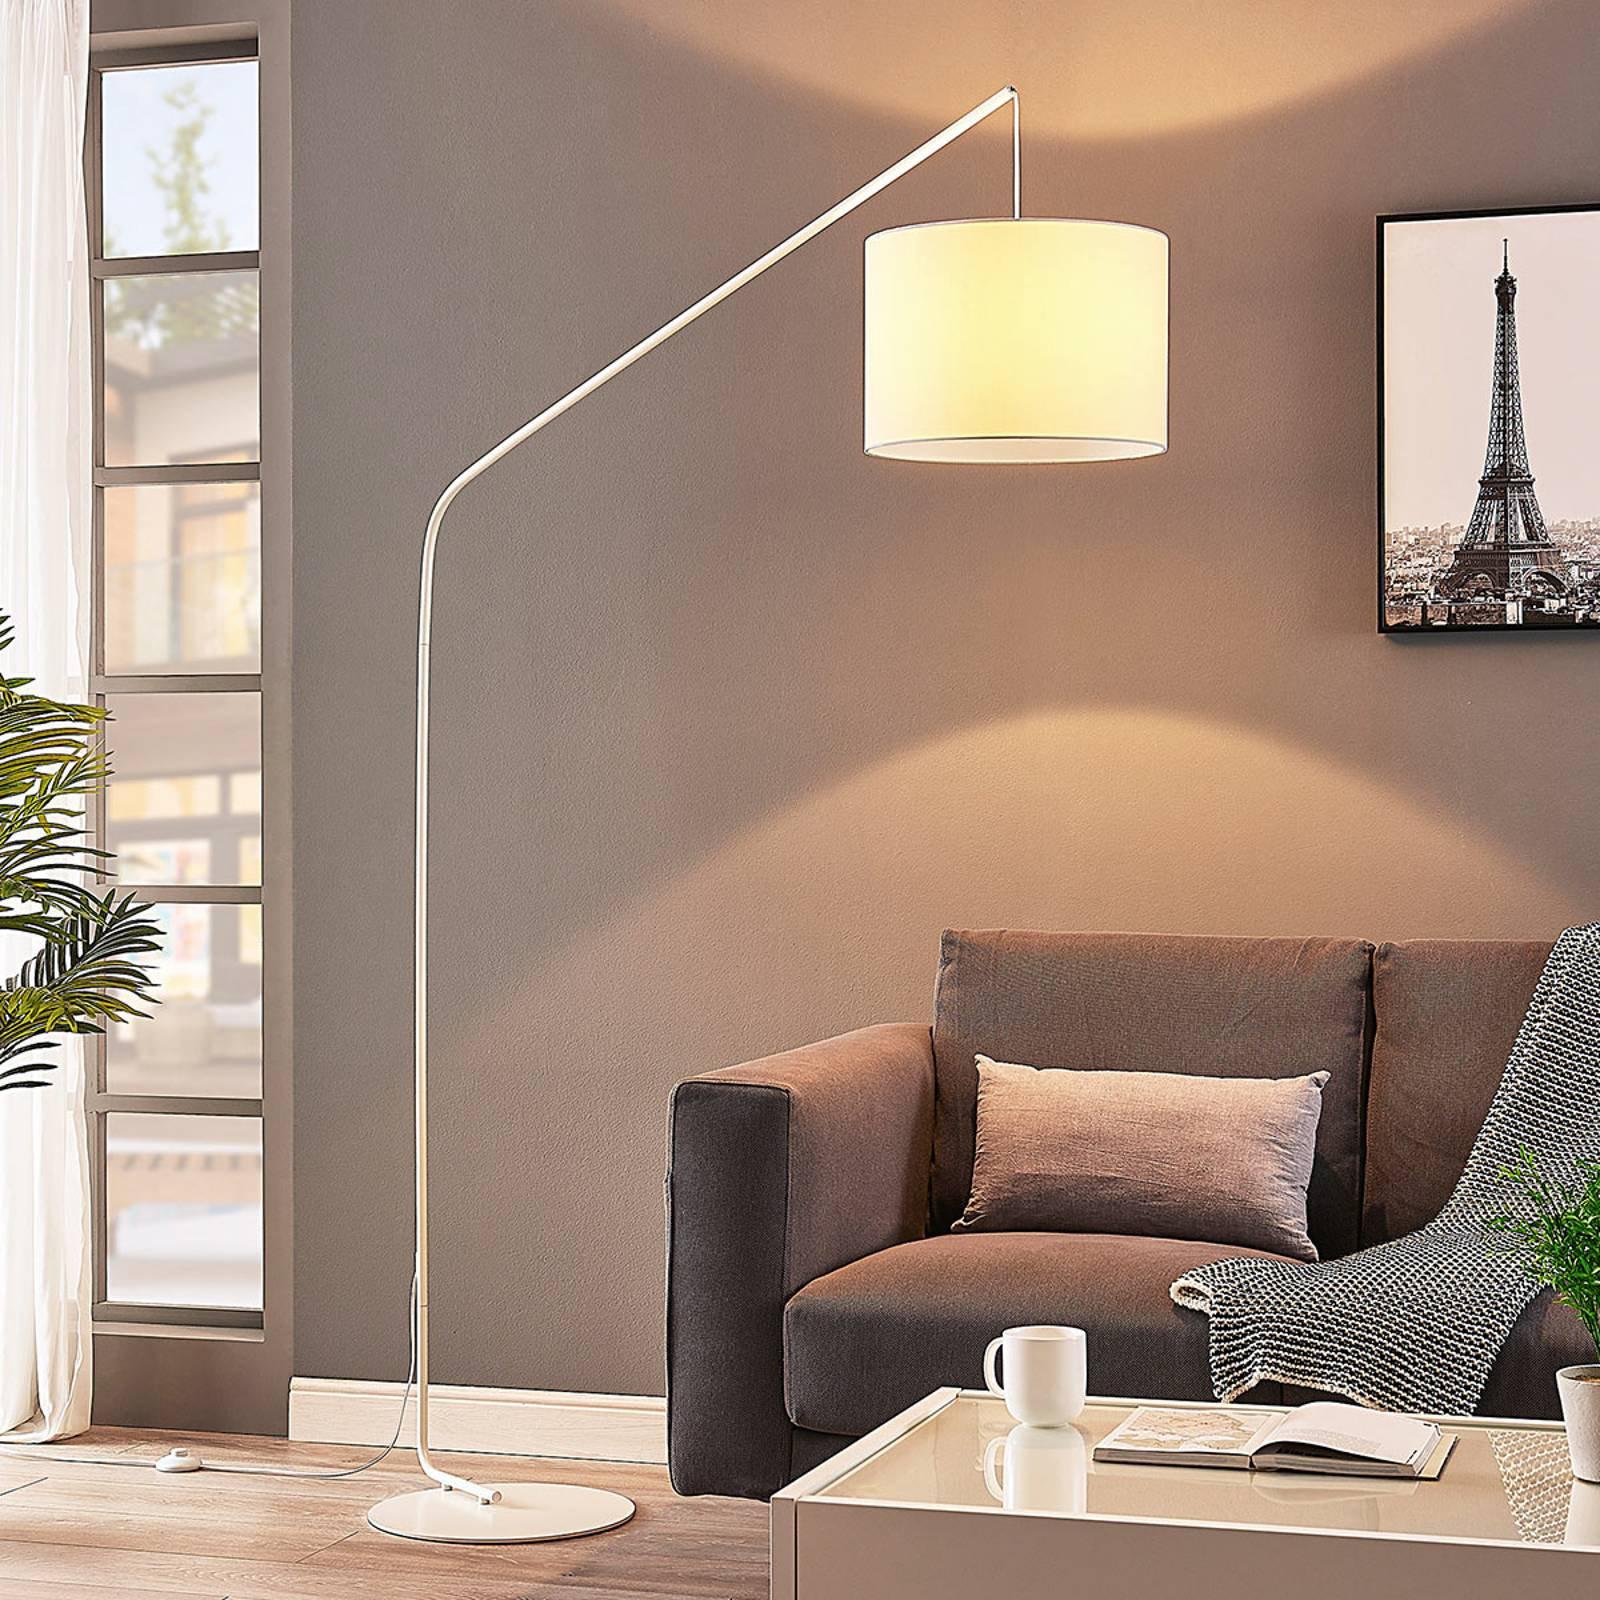 Viskan - hvit gulvlampe med bue